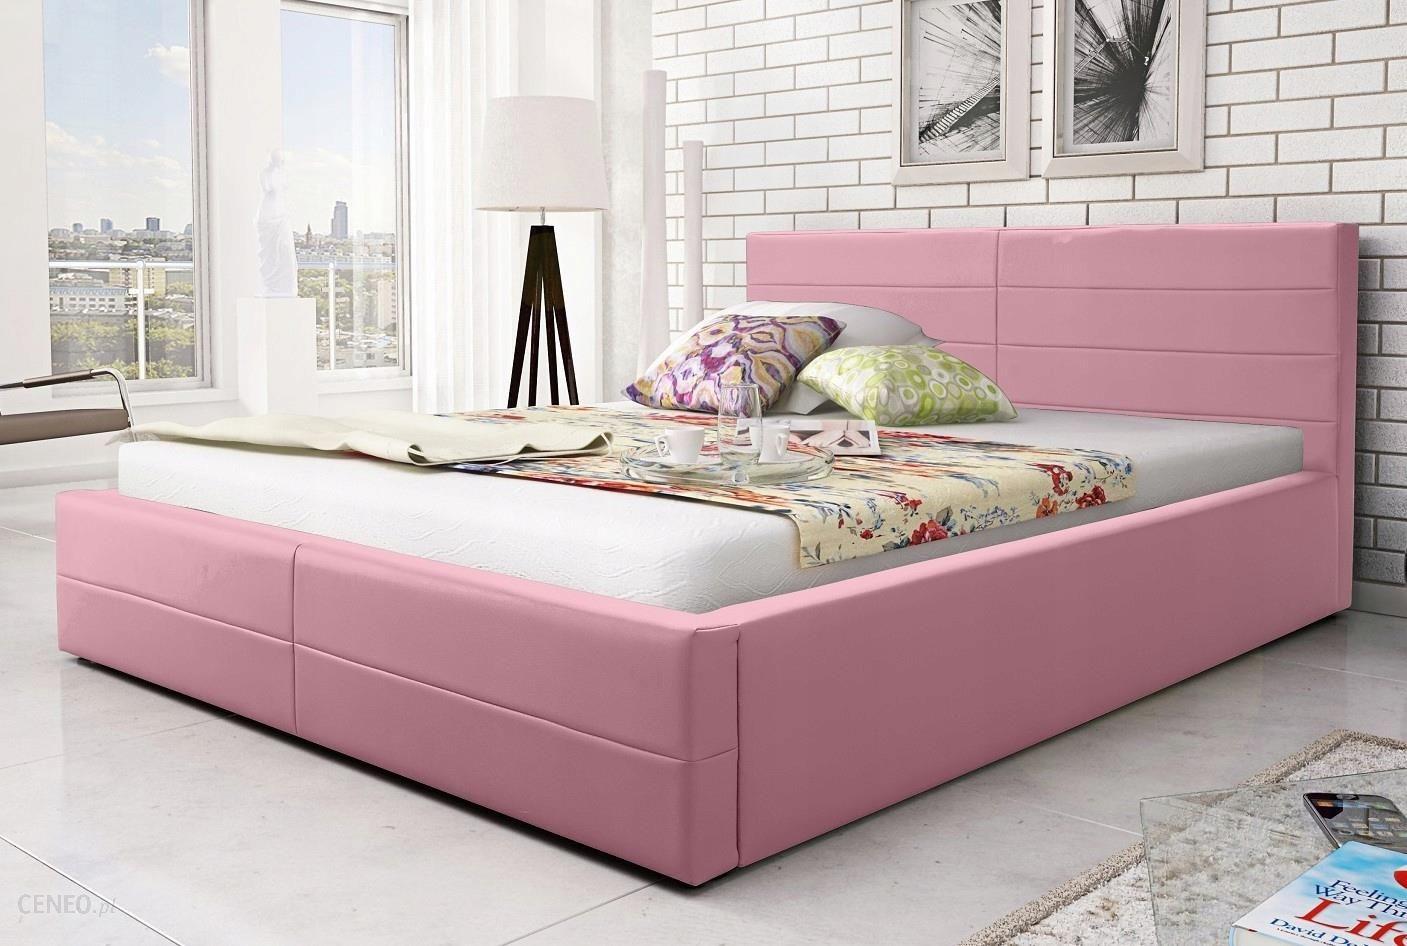 łóżko Sypialniane 160x200 Tapicerowane łoże Meble Opinie I Atrakcyjne Ceny Na Ceneopl